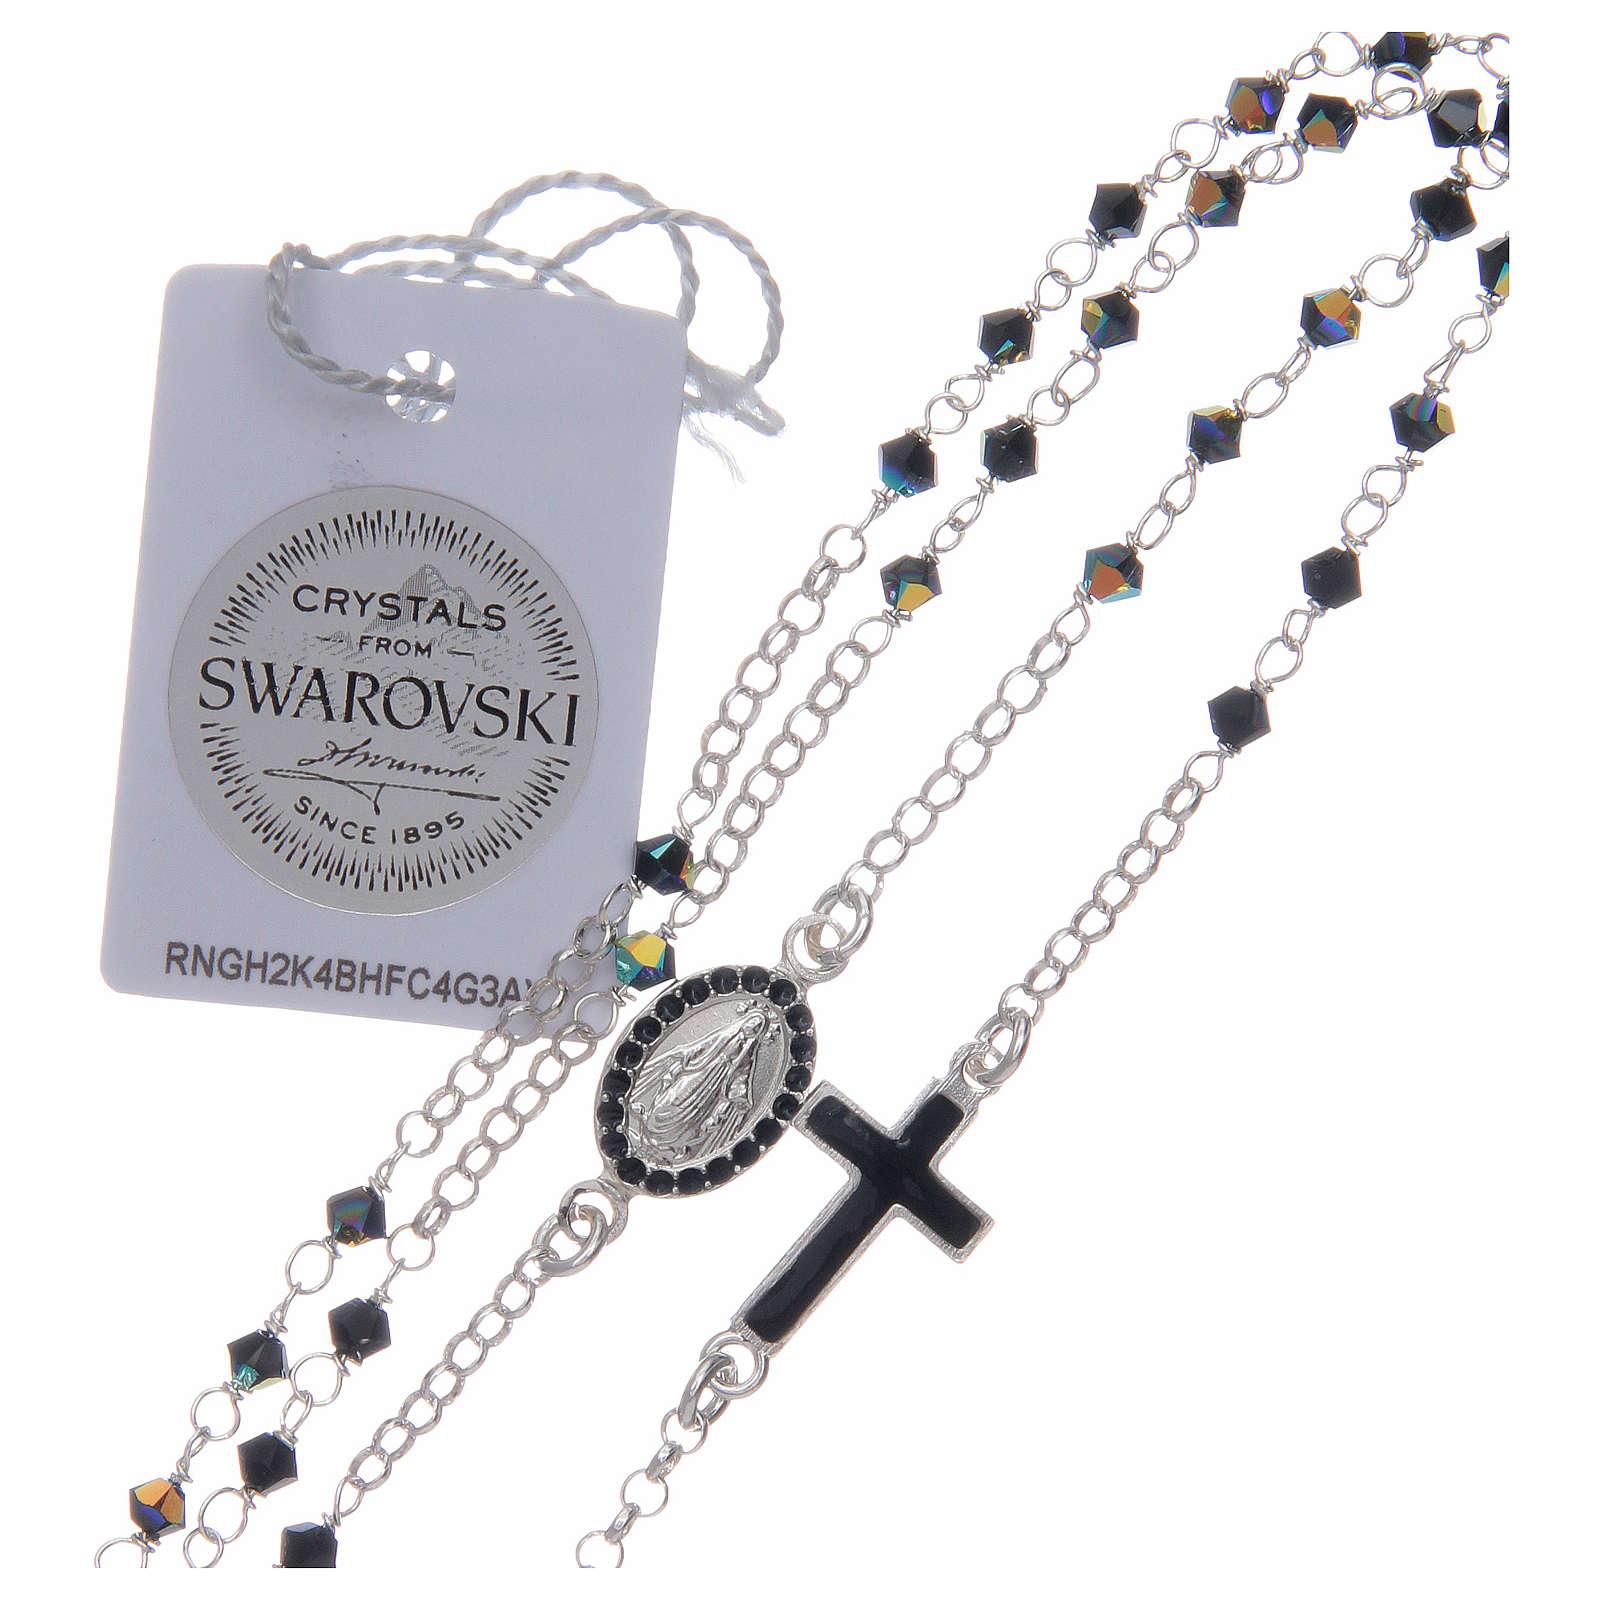 nuovo stile 8440b f1d64 Dettagli su Collana Rosario uomo argento 925 con Swarovski neri